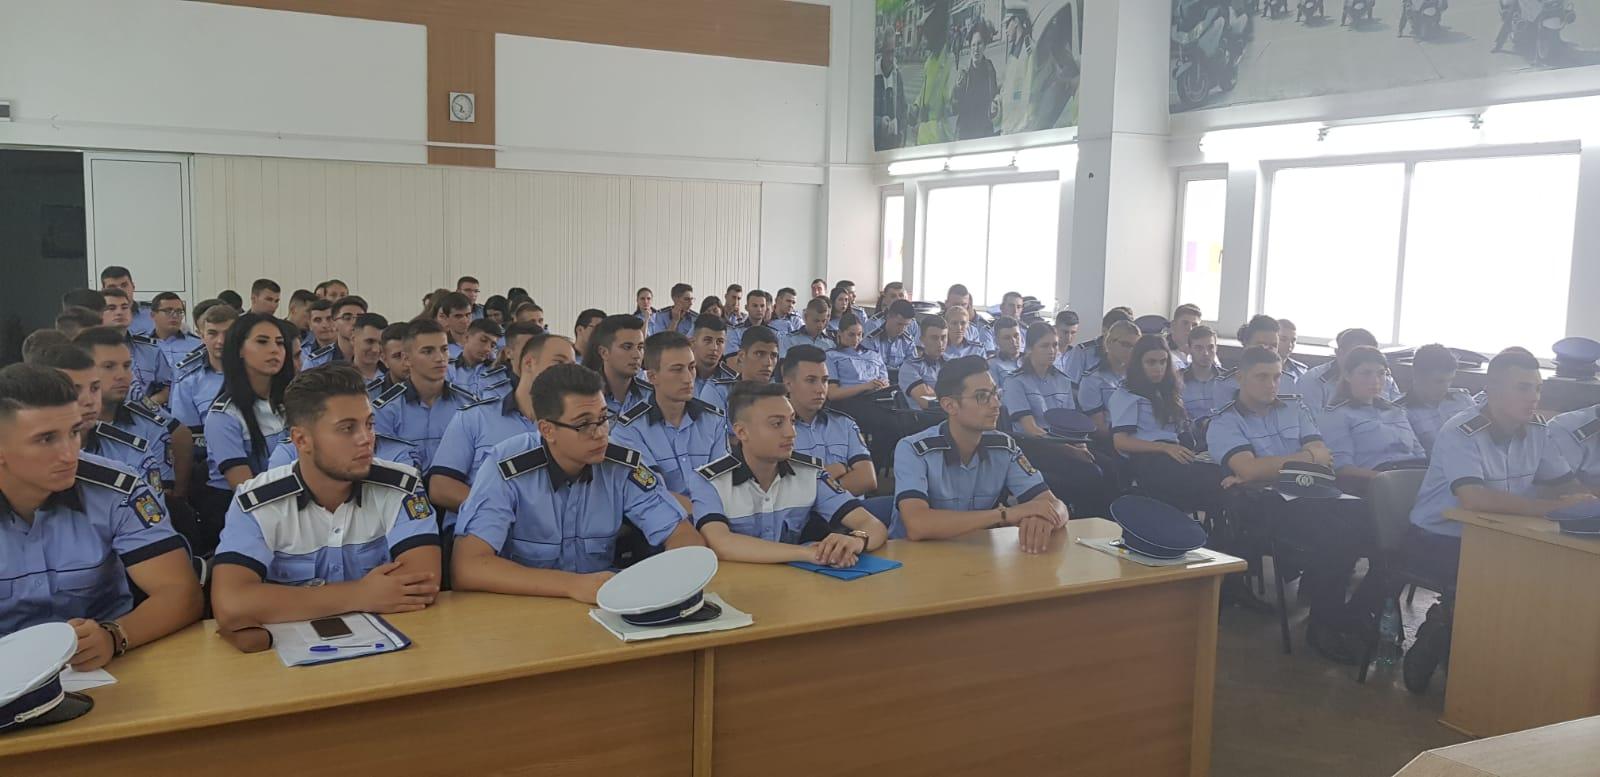 31 iulie 2018 - Întâlnire cu agenţii repartizaţi la Brigada de Poliţie Rutieră Bucureşti